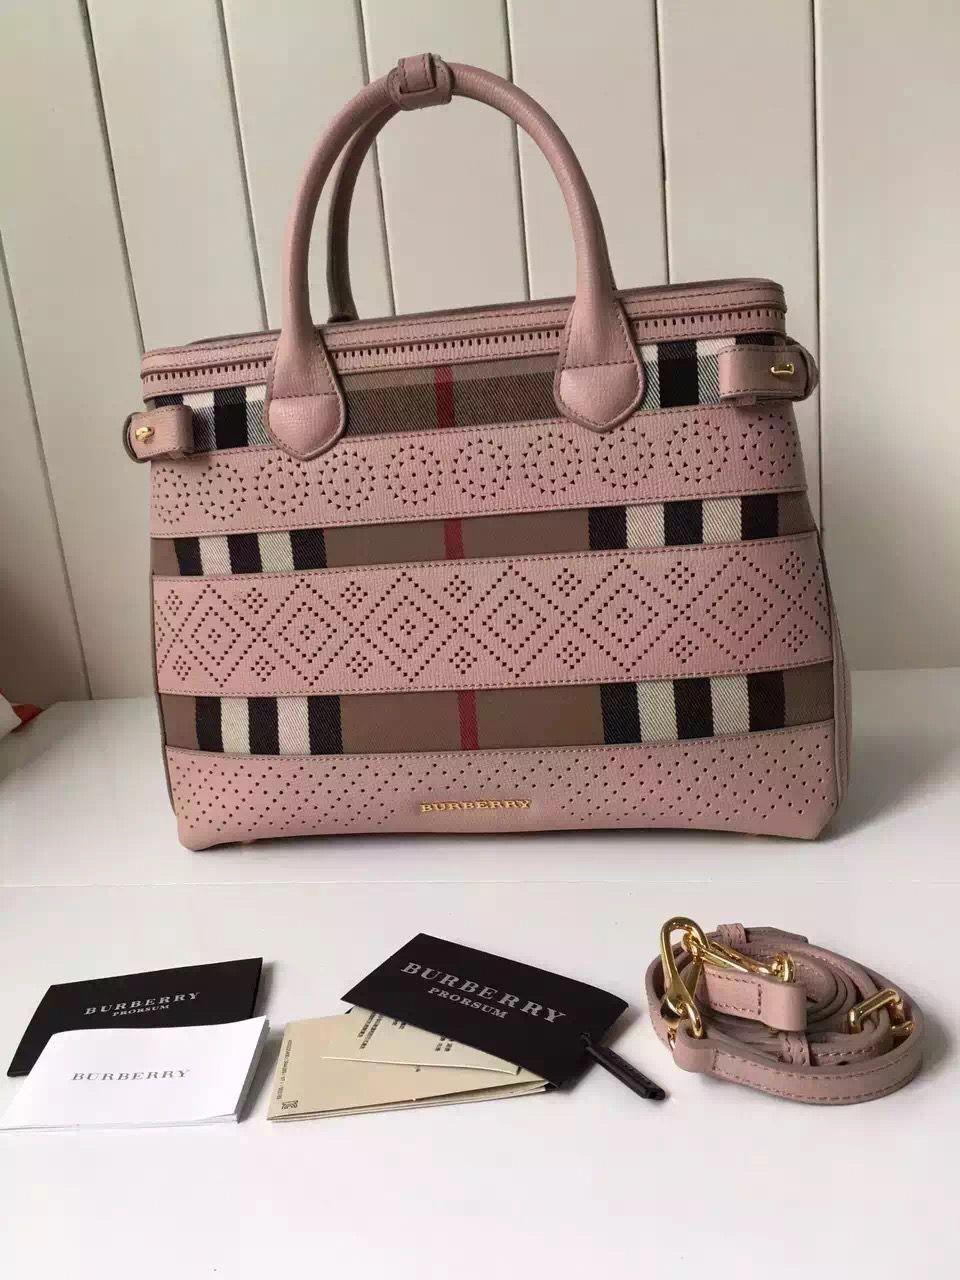 6428a9d68edd burberry womens handbags  Pradahandbags